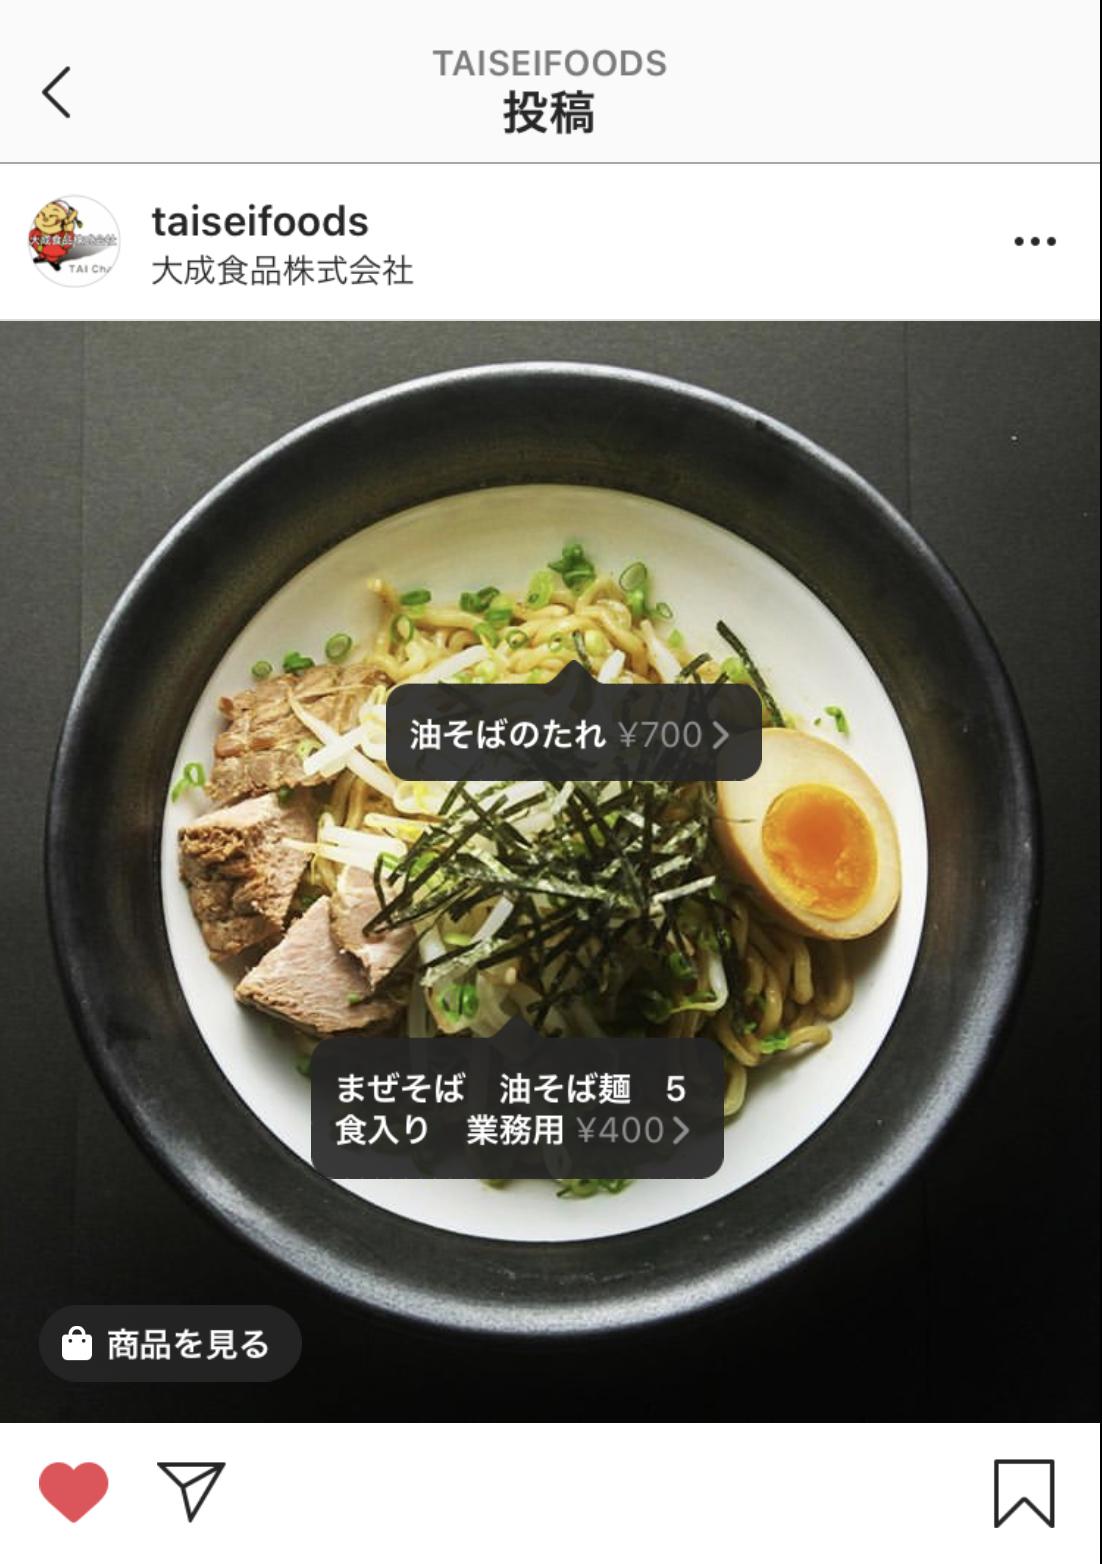 大成食品公式Instagram投稿画面転載